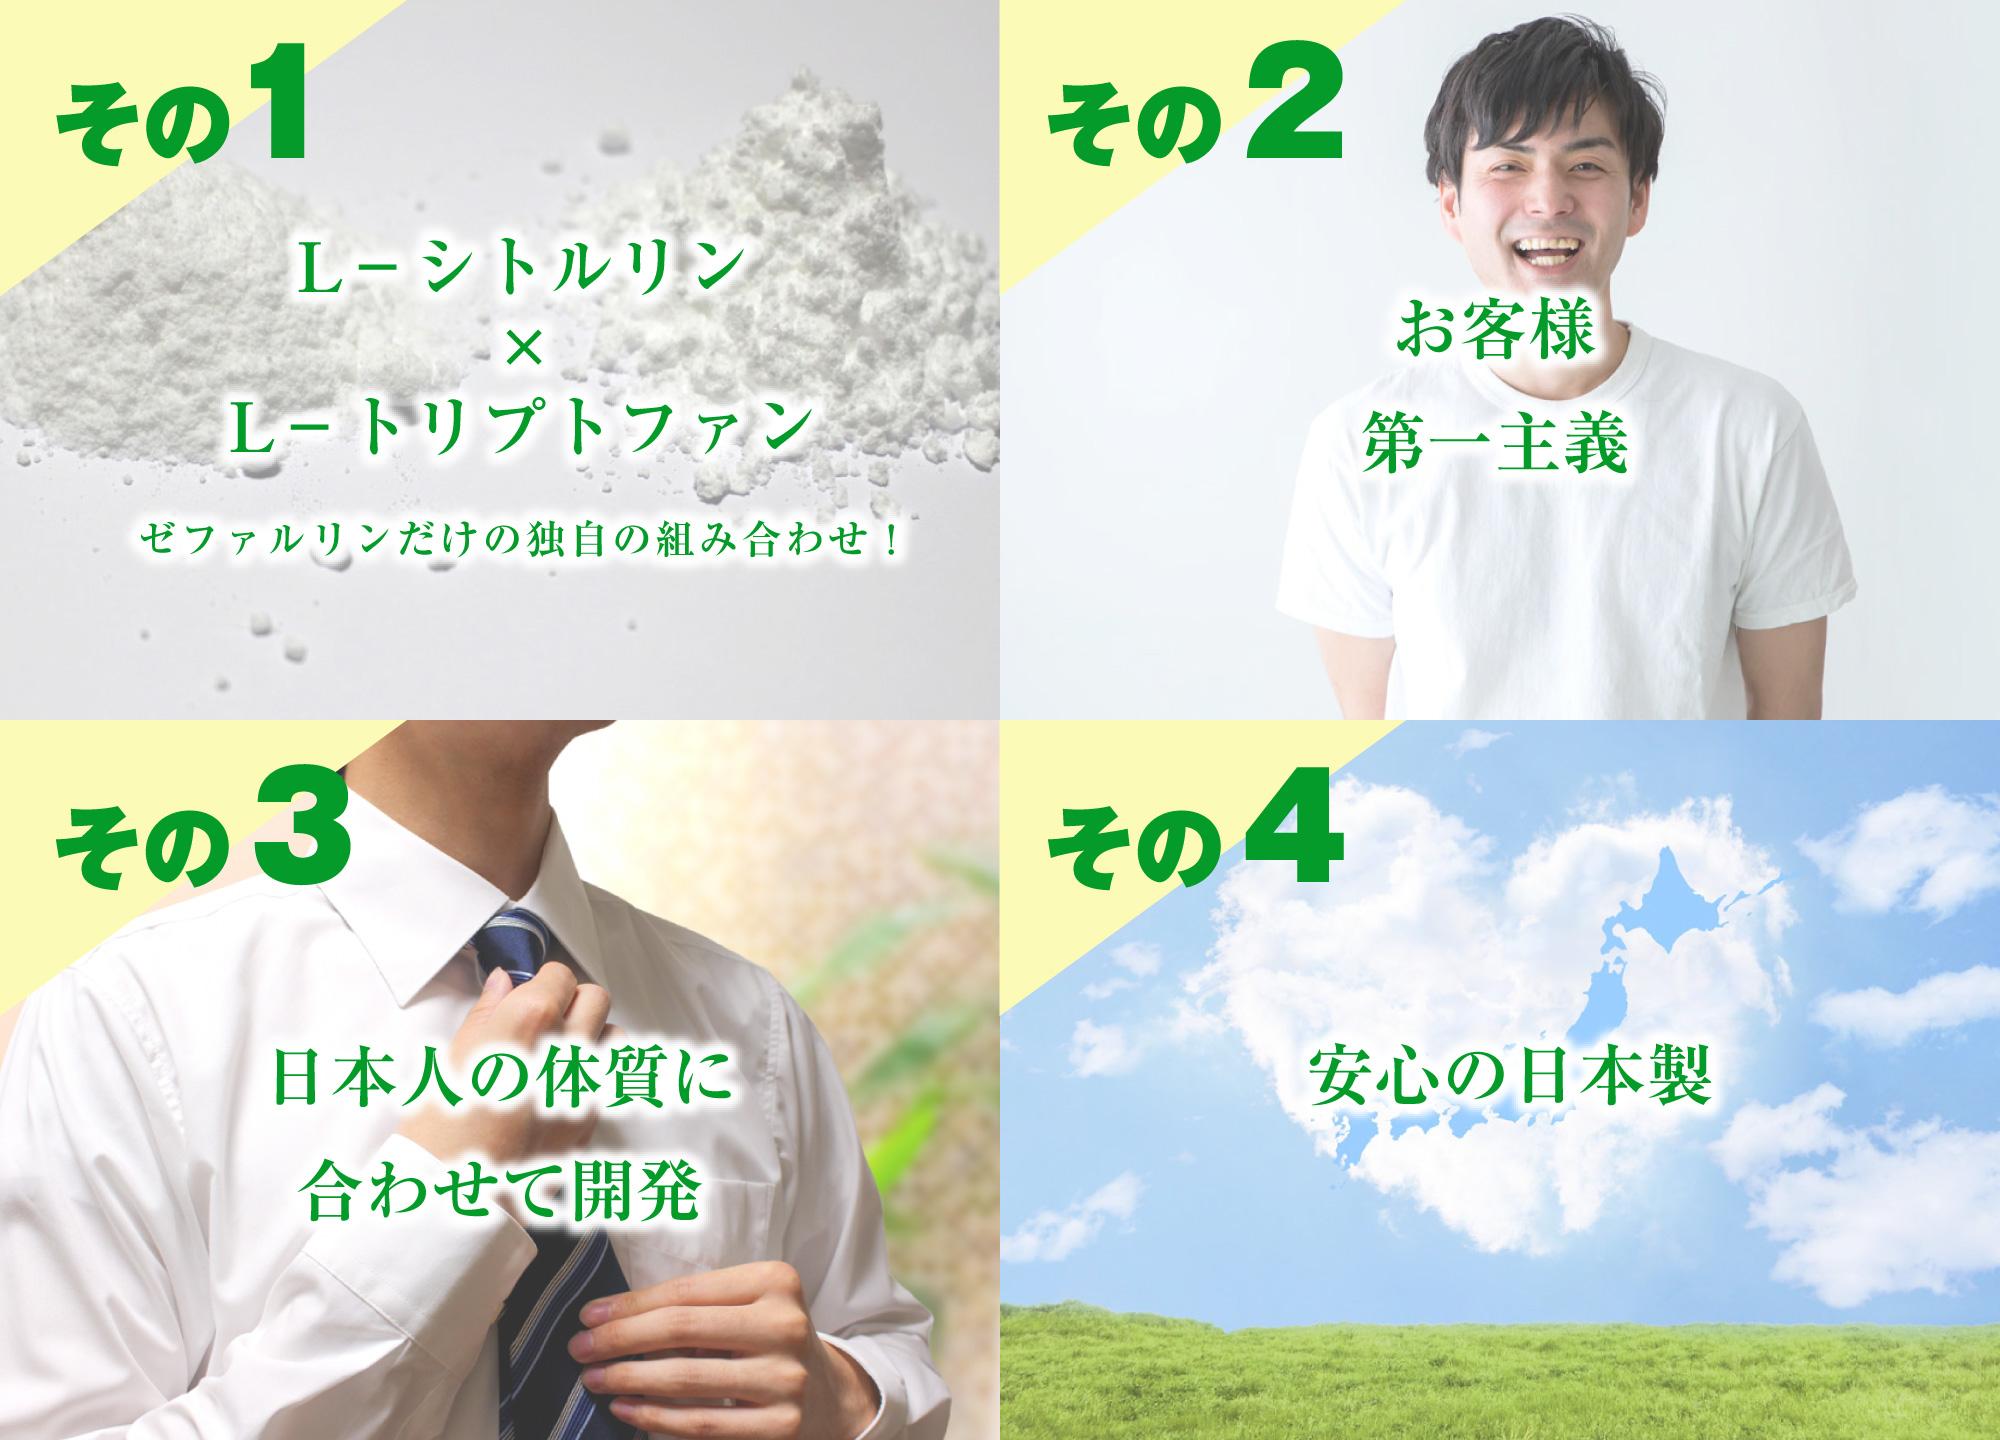 L-シトルリン×L-トリプトファン、お客様第一主義、日本人の体質に合わせて開発、安心の品性